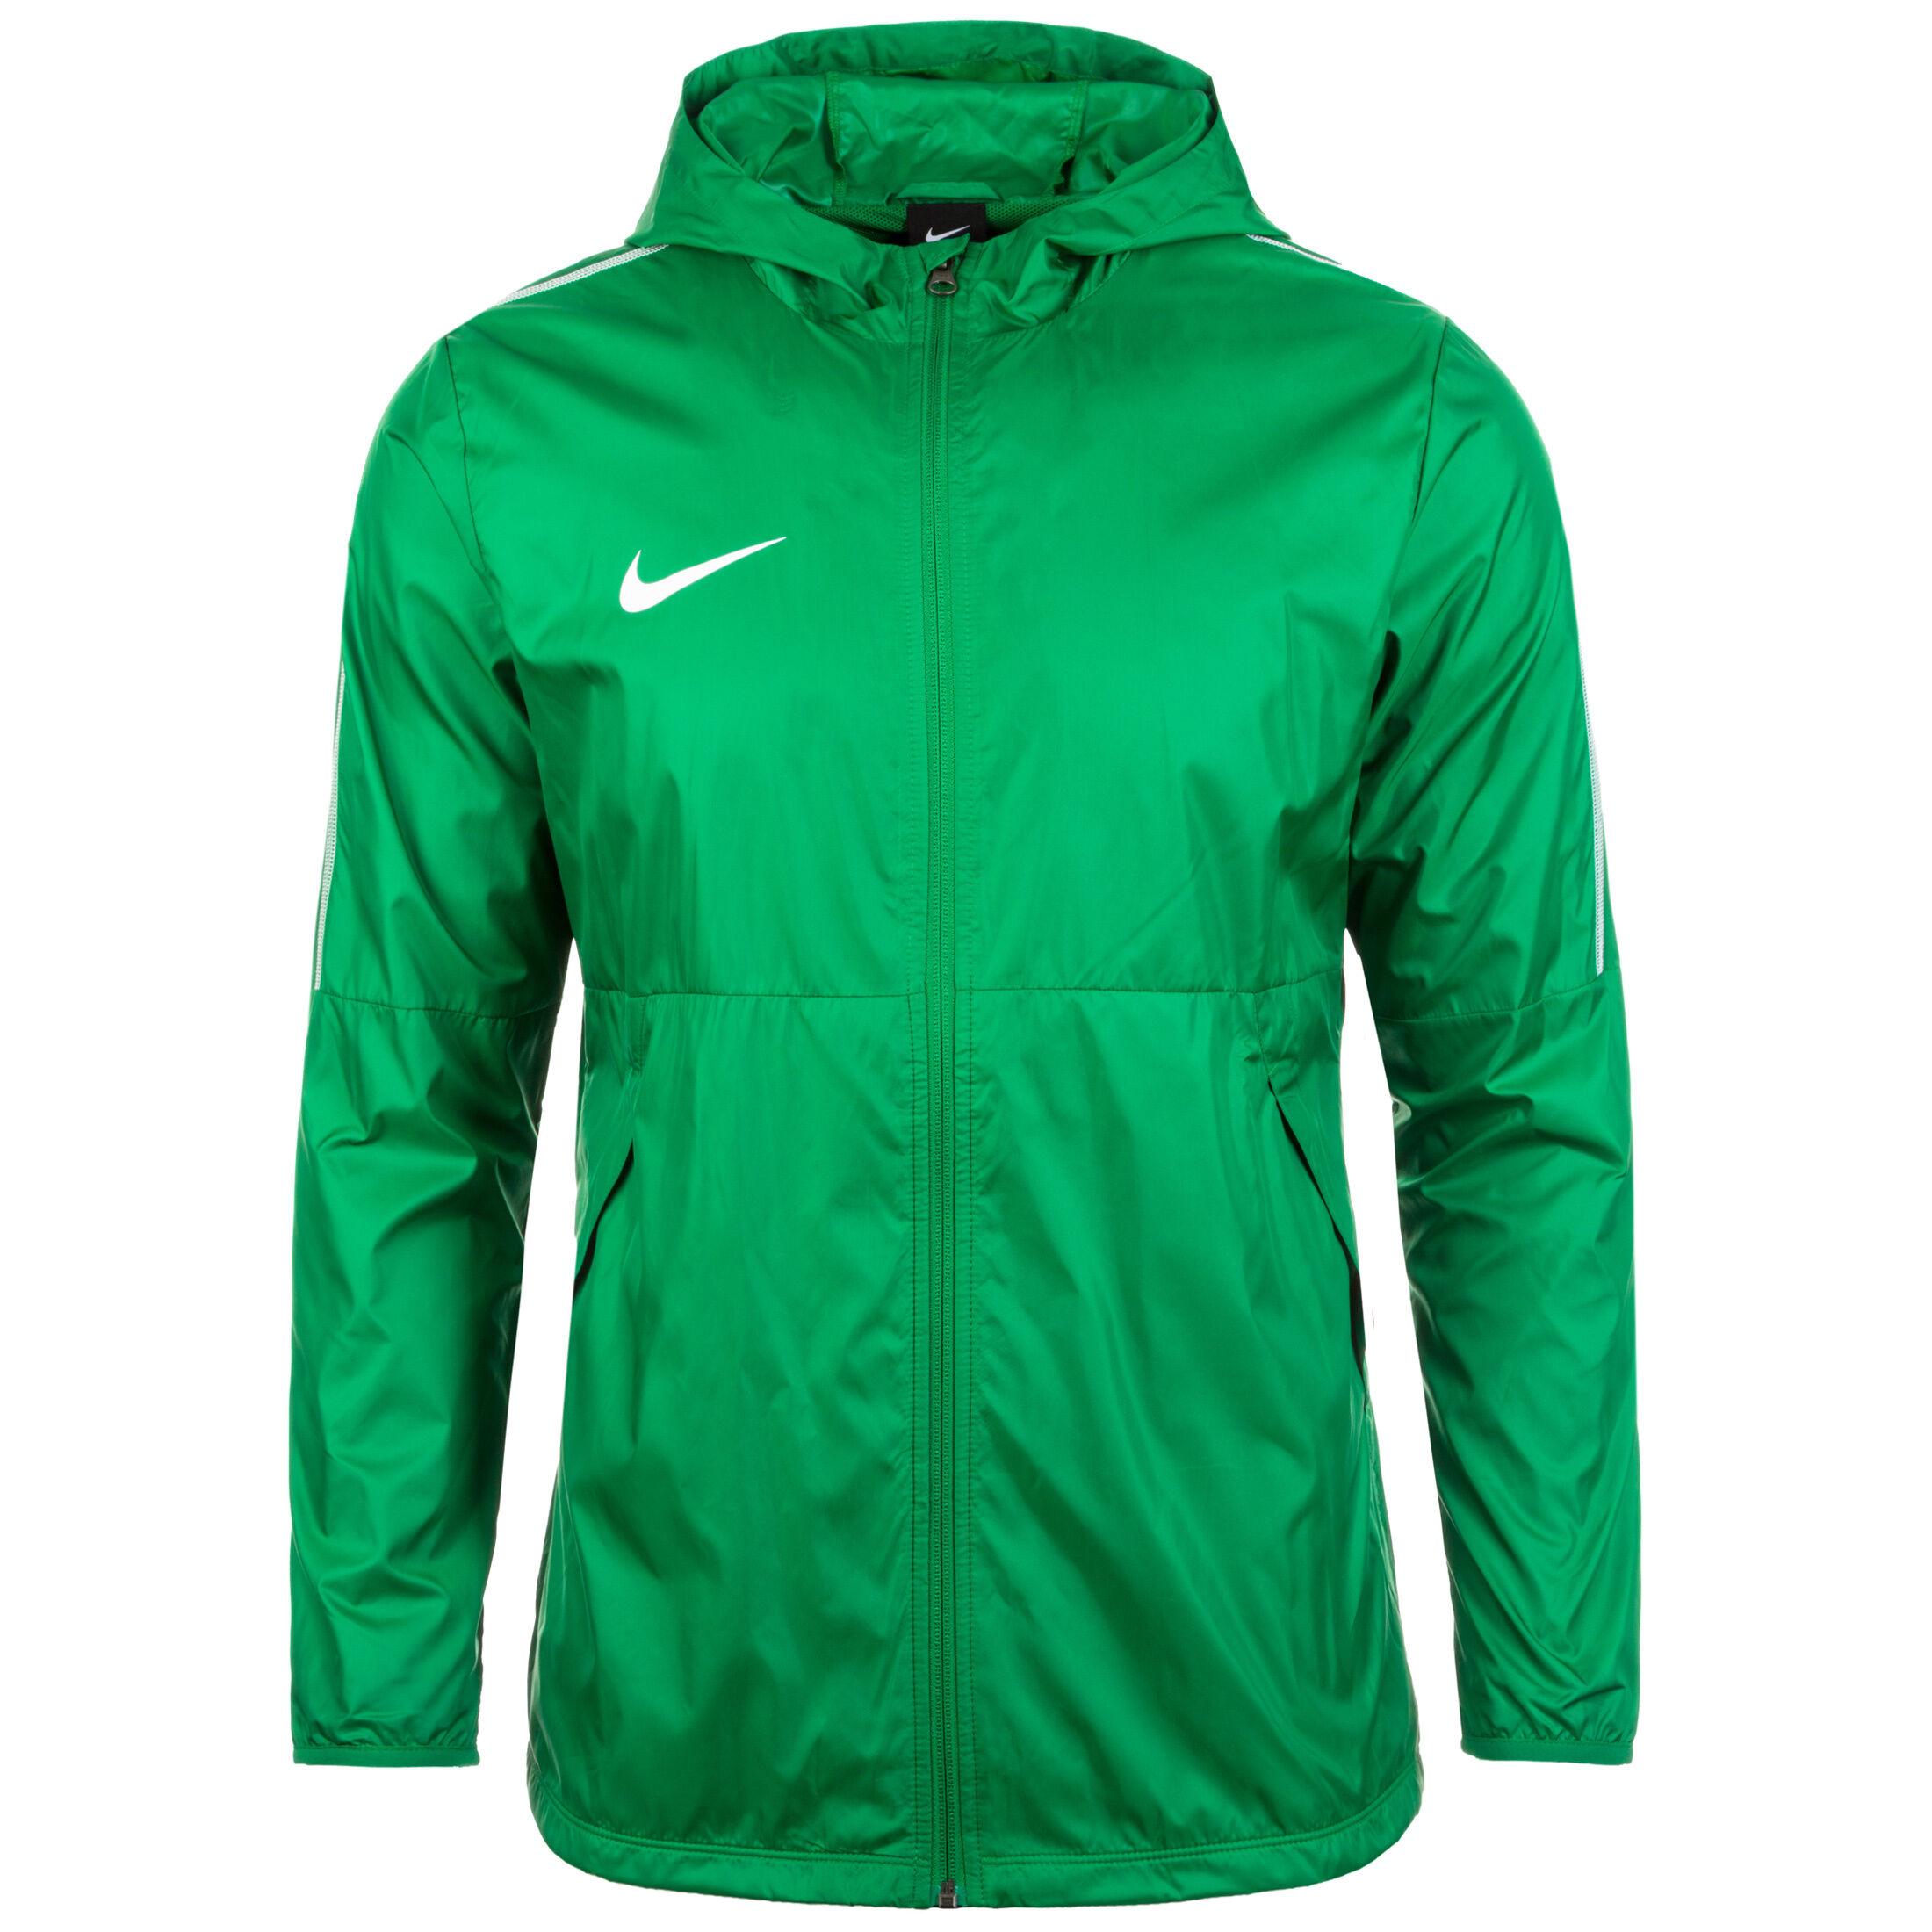 Herren Regenjacke Bei Outfitter Rot Dry Performance Nike 18